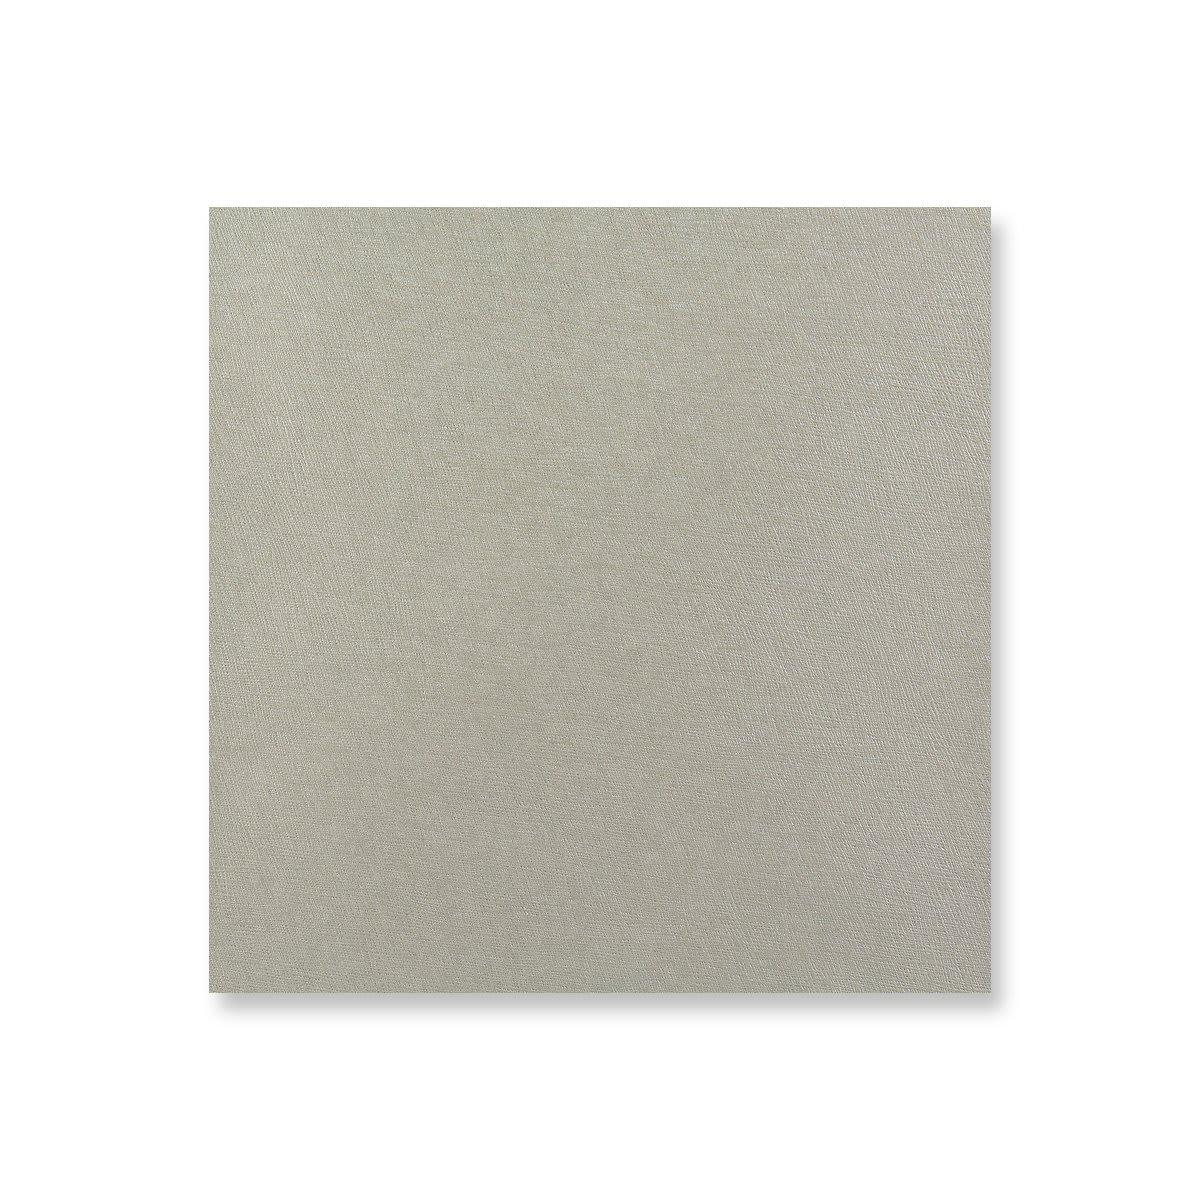 145 x 145mm SILVER GREY POUCHETTES